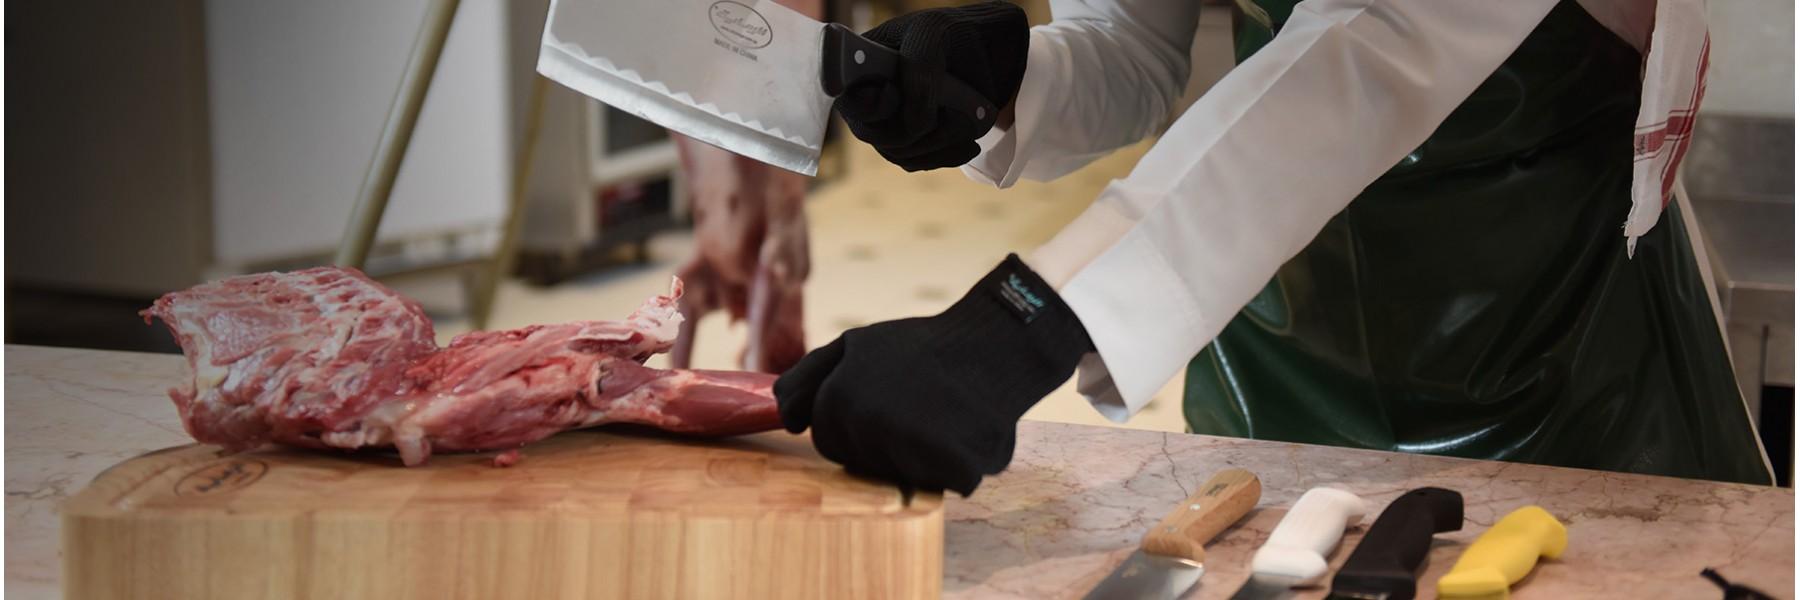 Slaughter Equipment